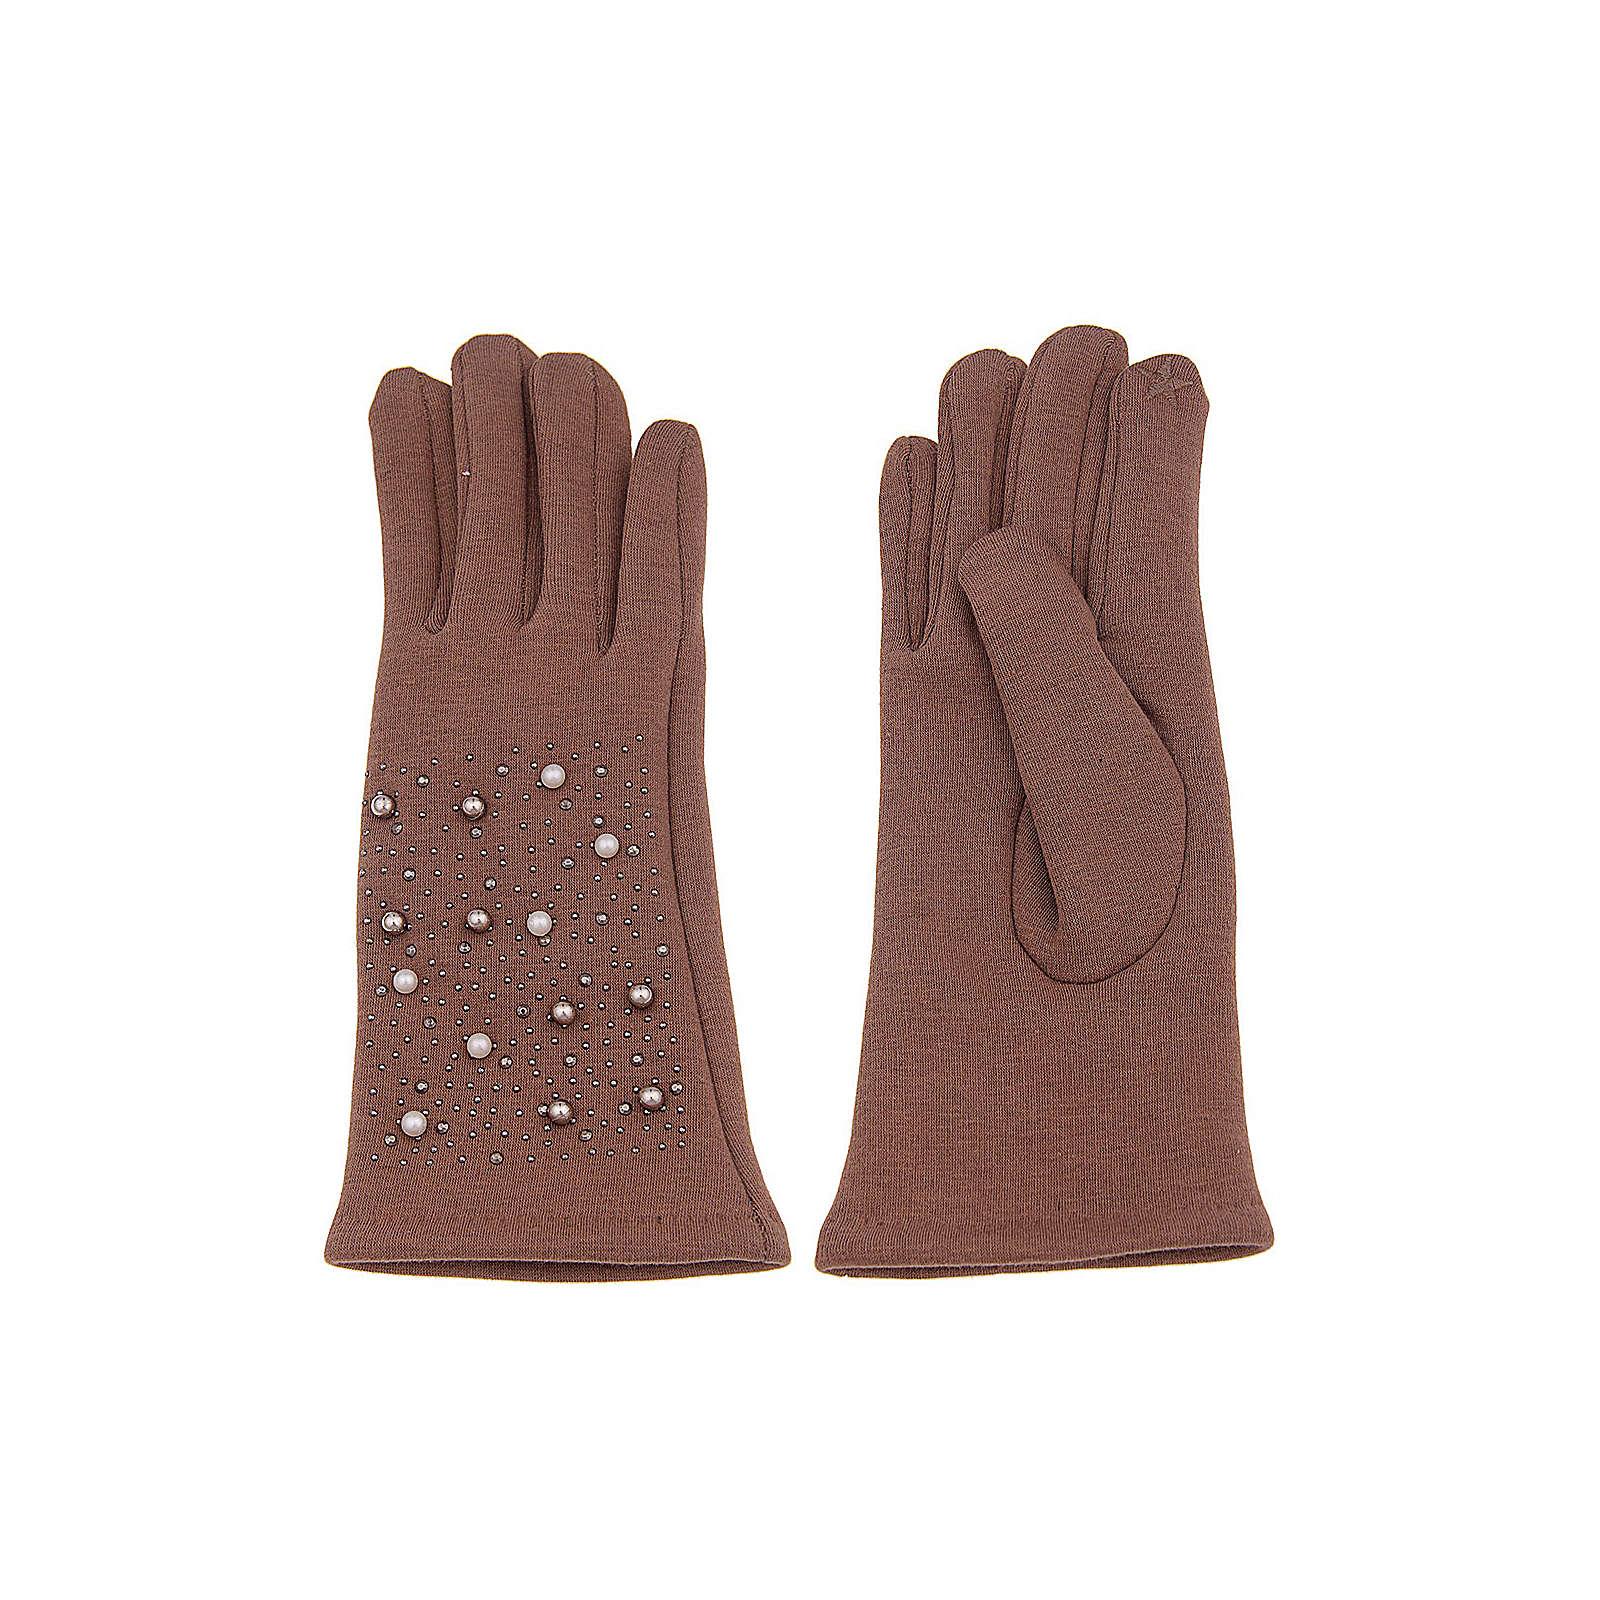 Leslii Fingerhandschuhe mit Perlenapplikation Fingerhandschuhe braun/weiß Damen